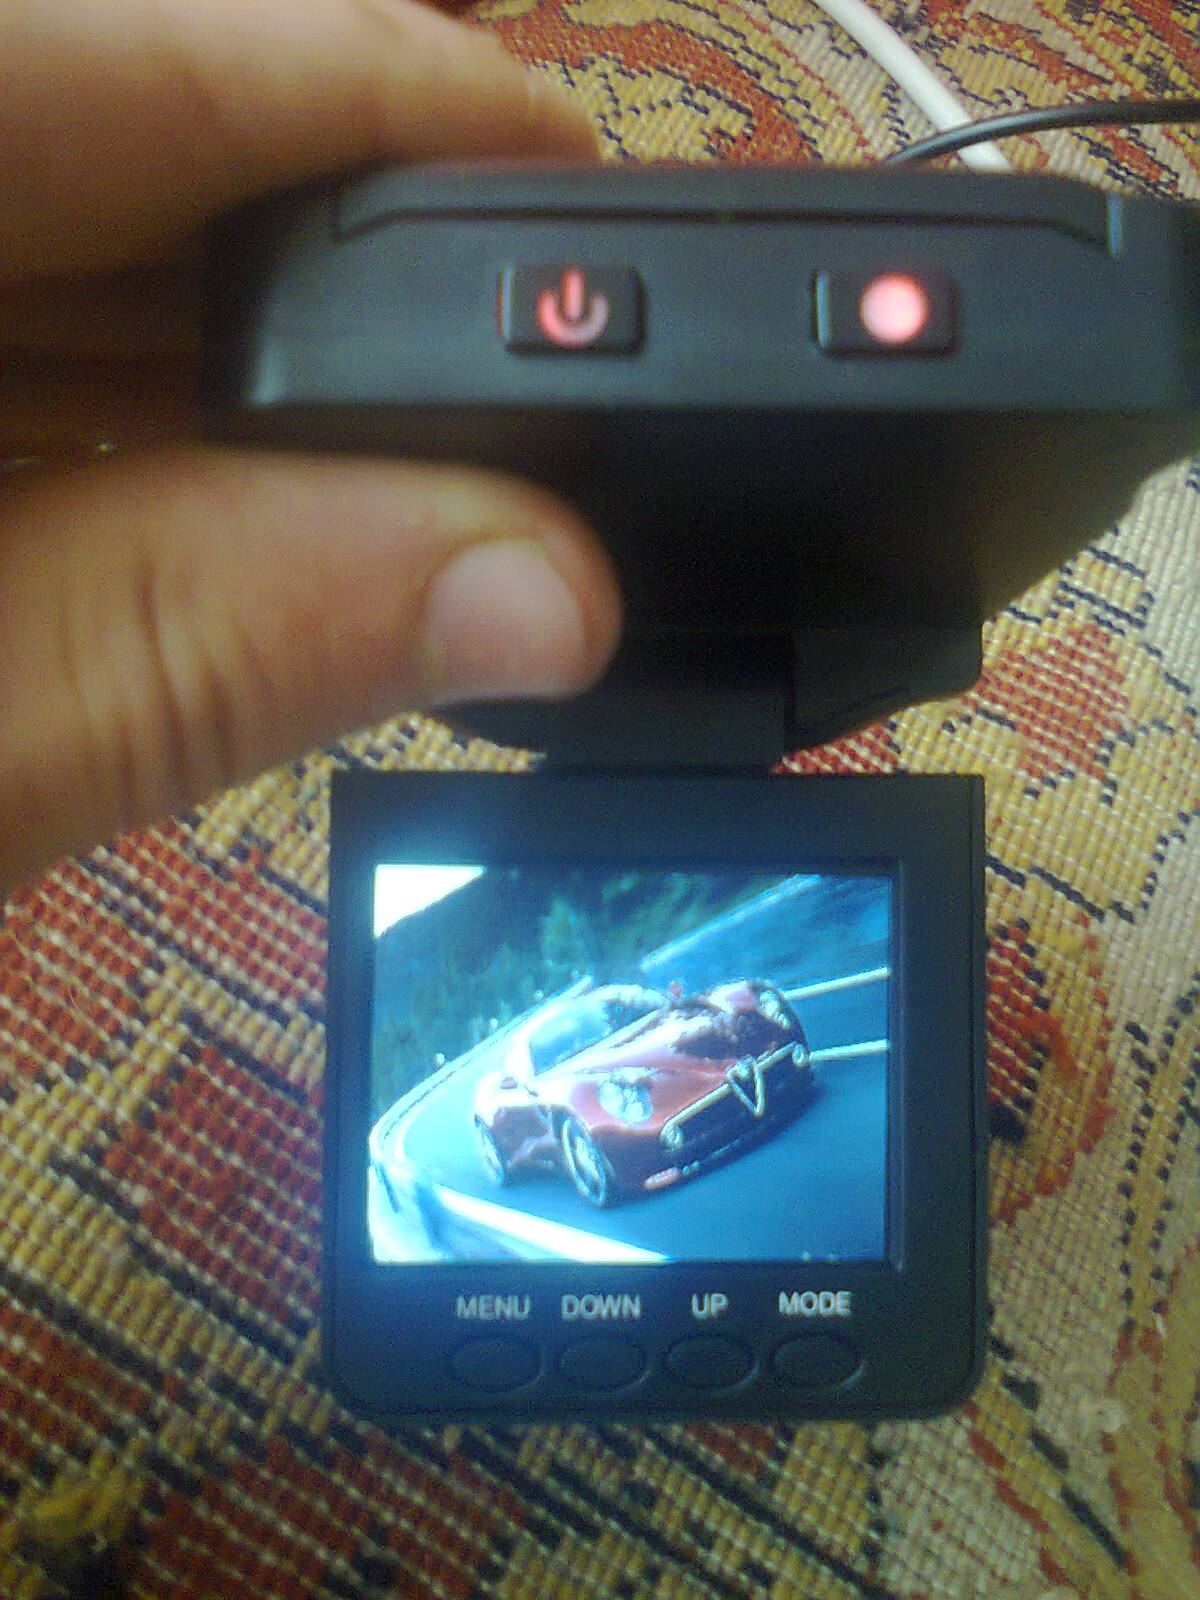 Видеорегистратор не работает изображения инструкция по эксплуатации видеорегистратора dvr-hd203